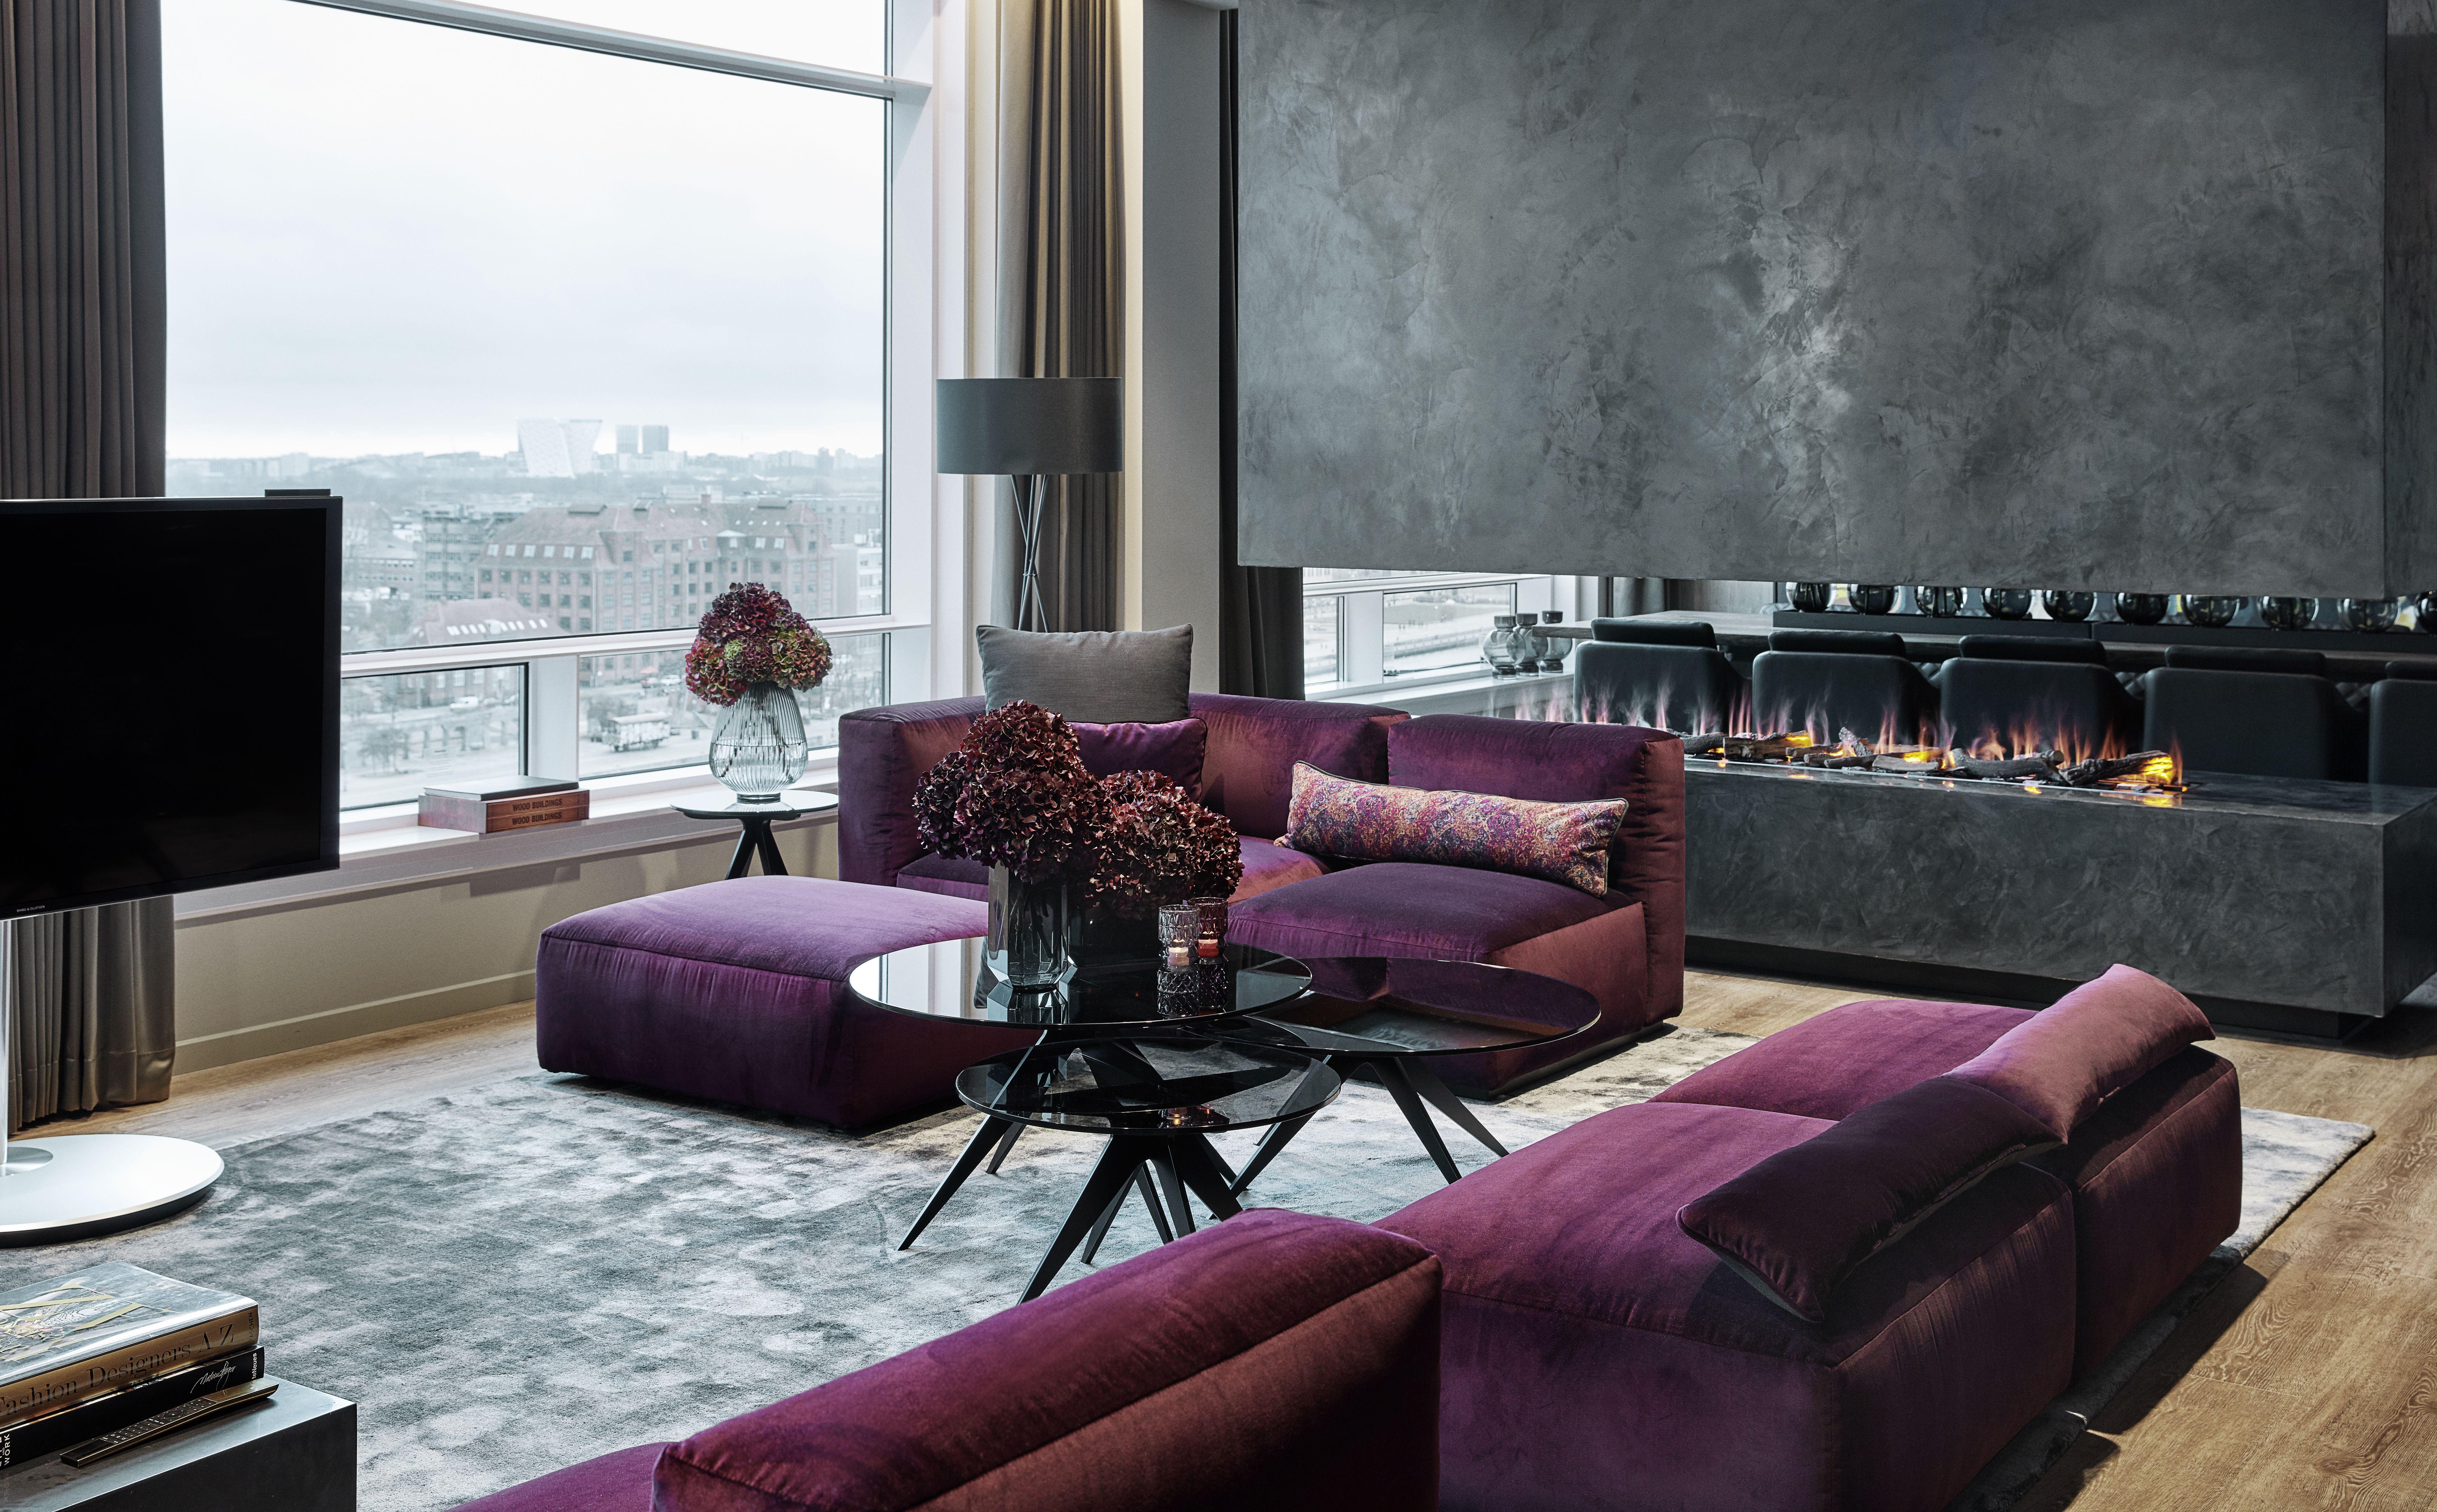 Copenhagen_marriott_hotel_royal_suite_new_design